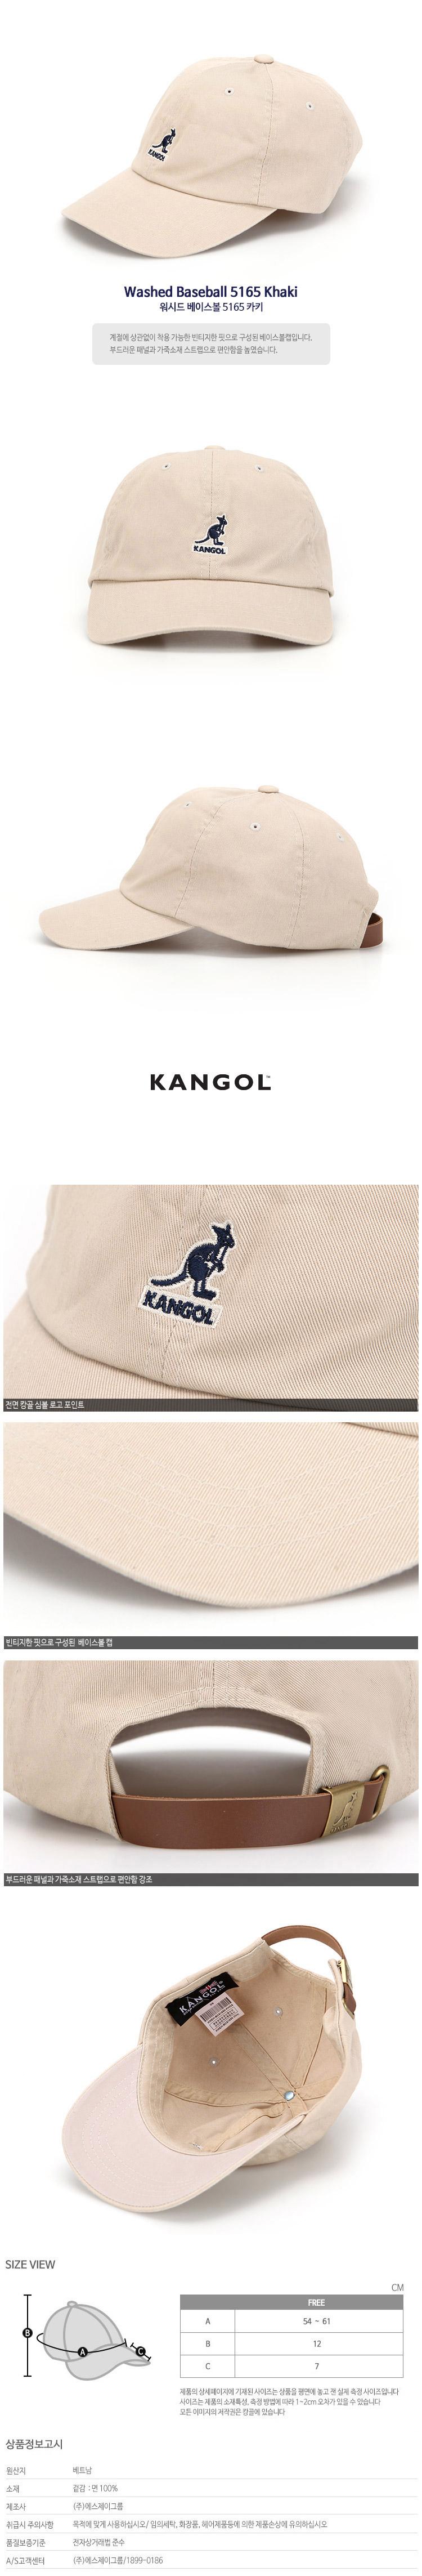 캉골(KANGOL) Washed Baseball 5165 KHAKI